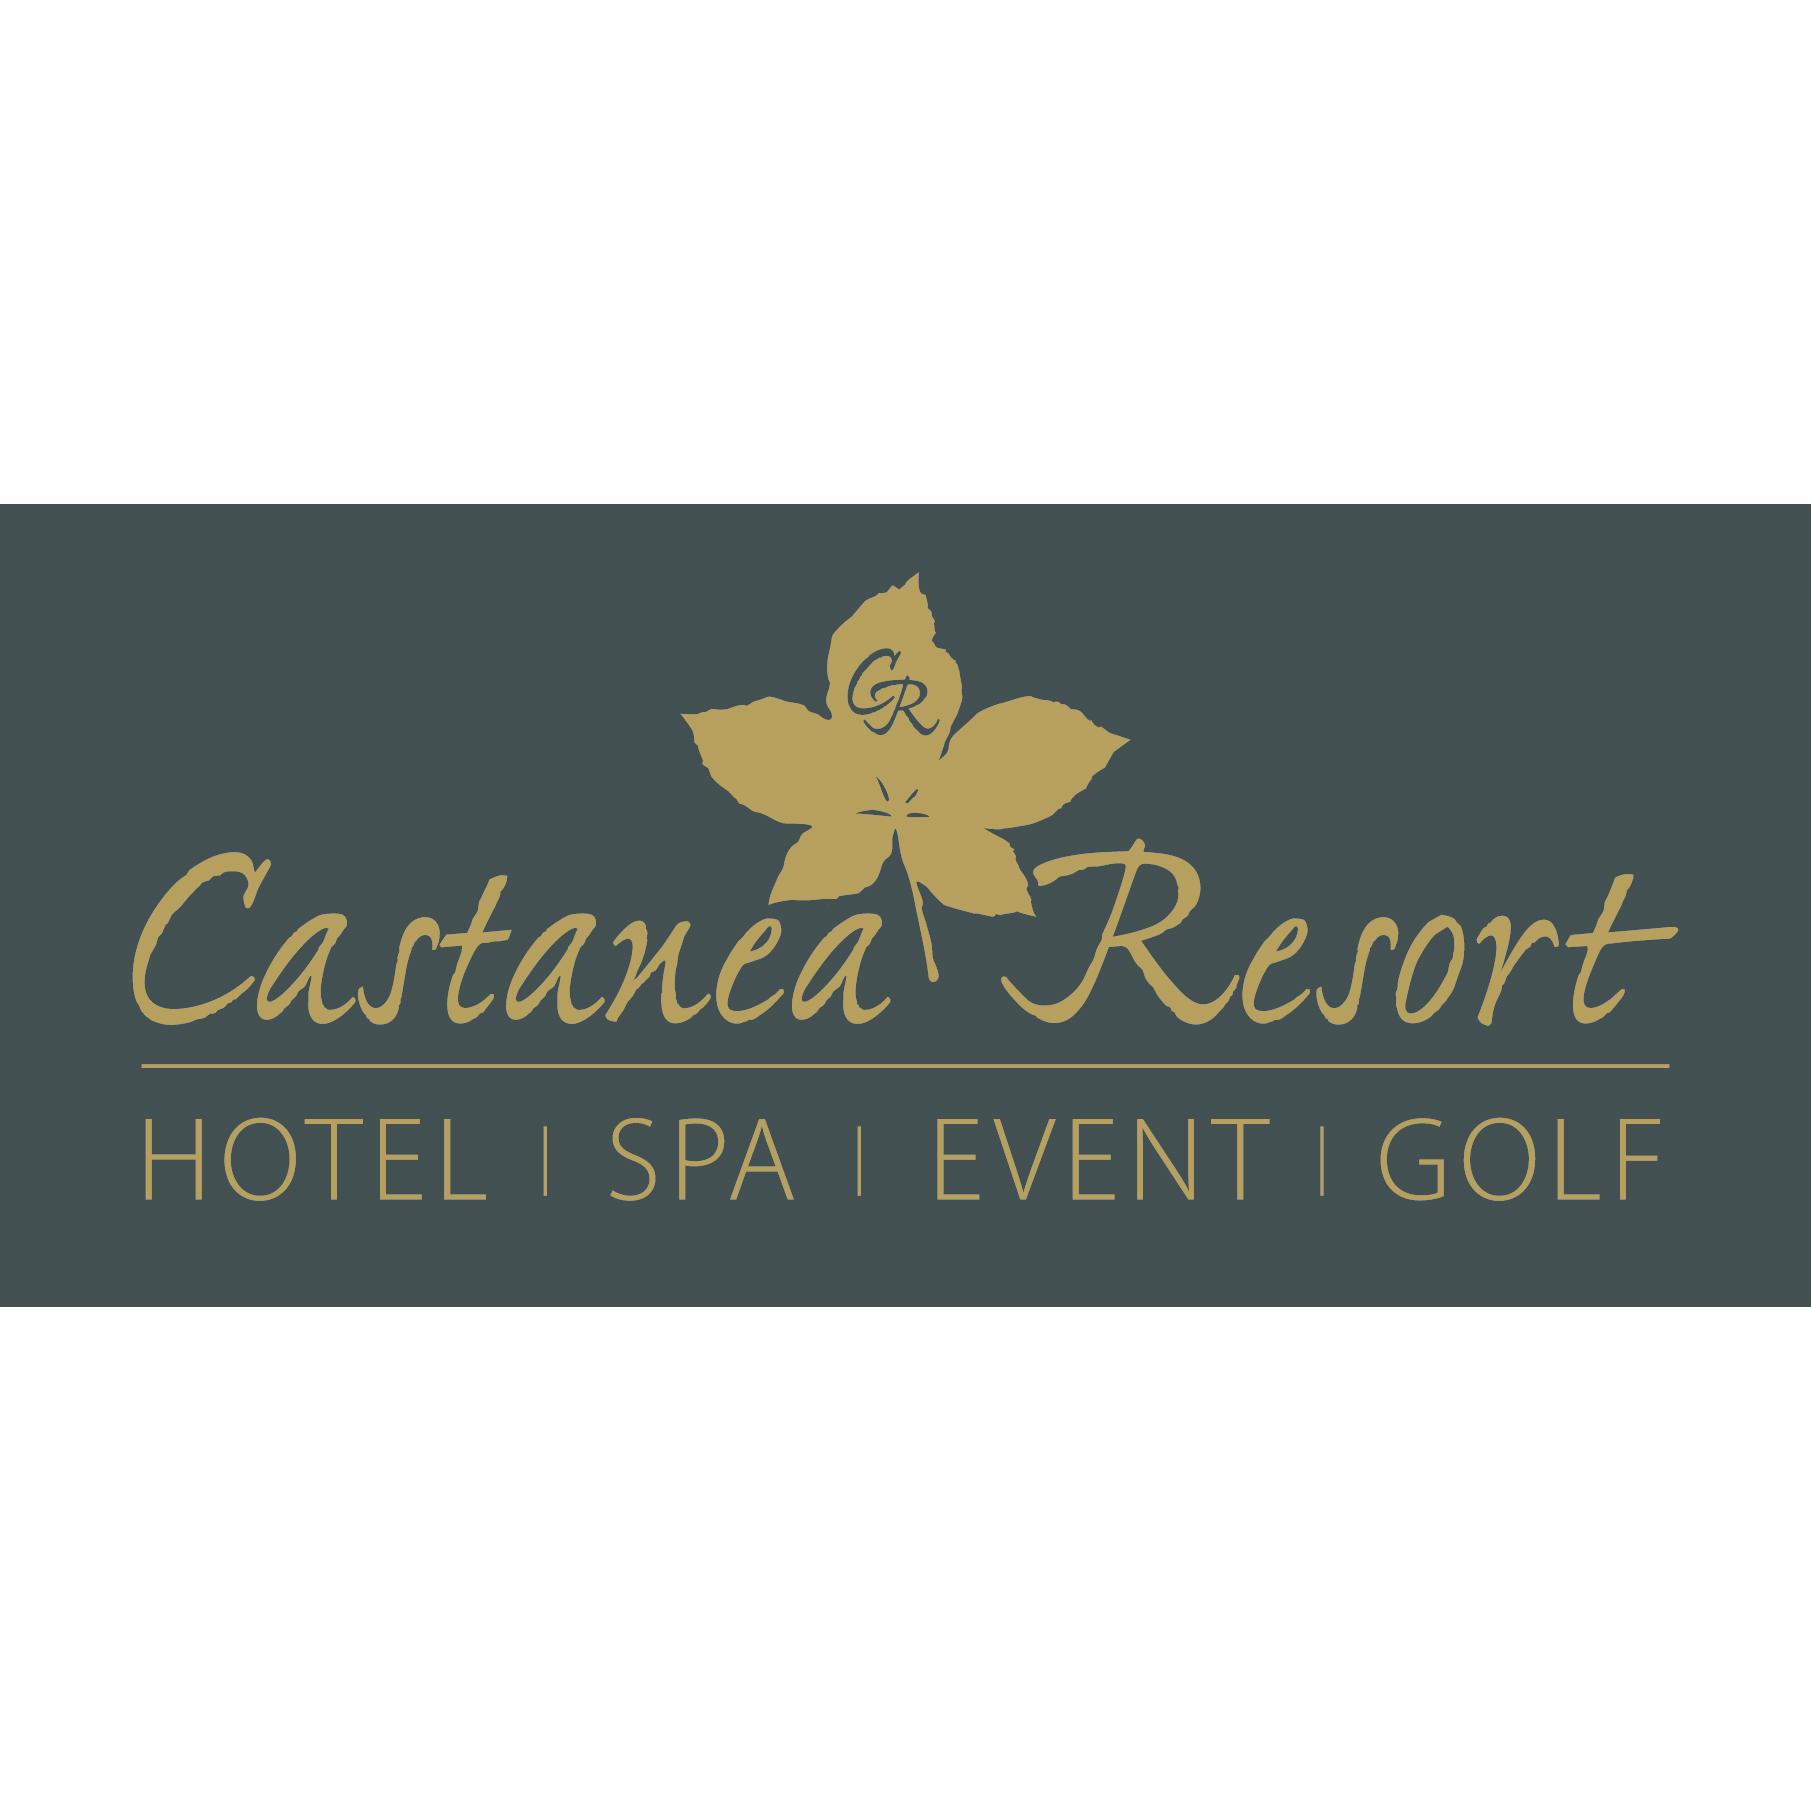 Logo von Castanea Restaurant